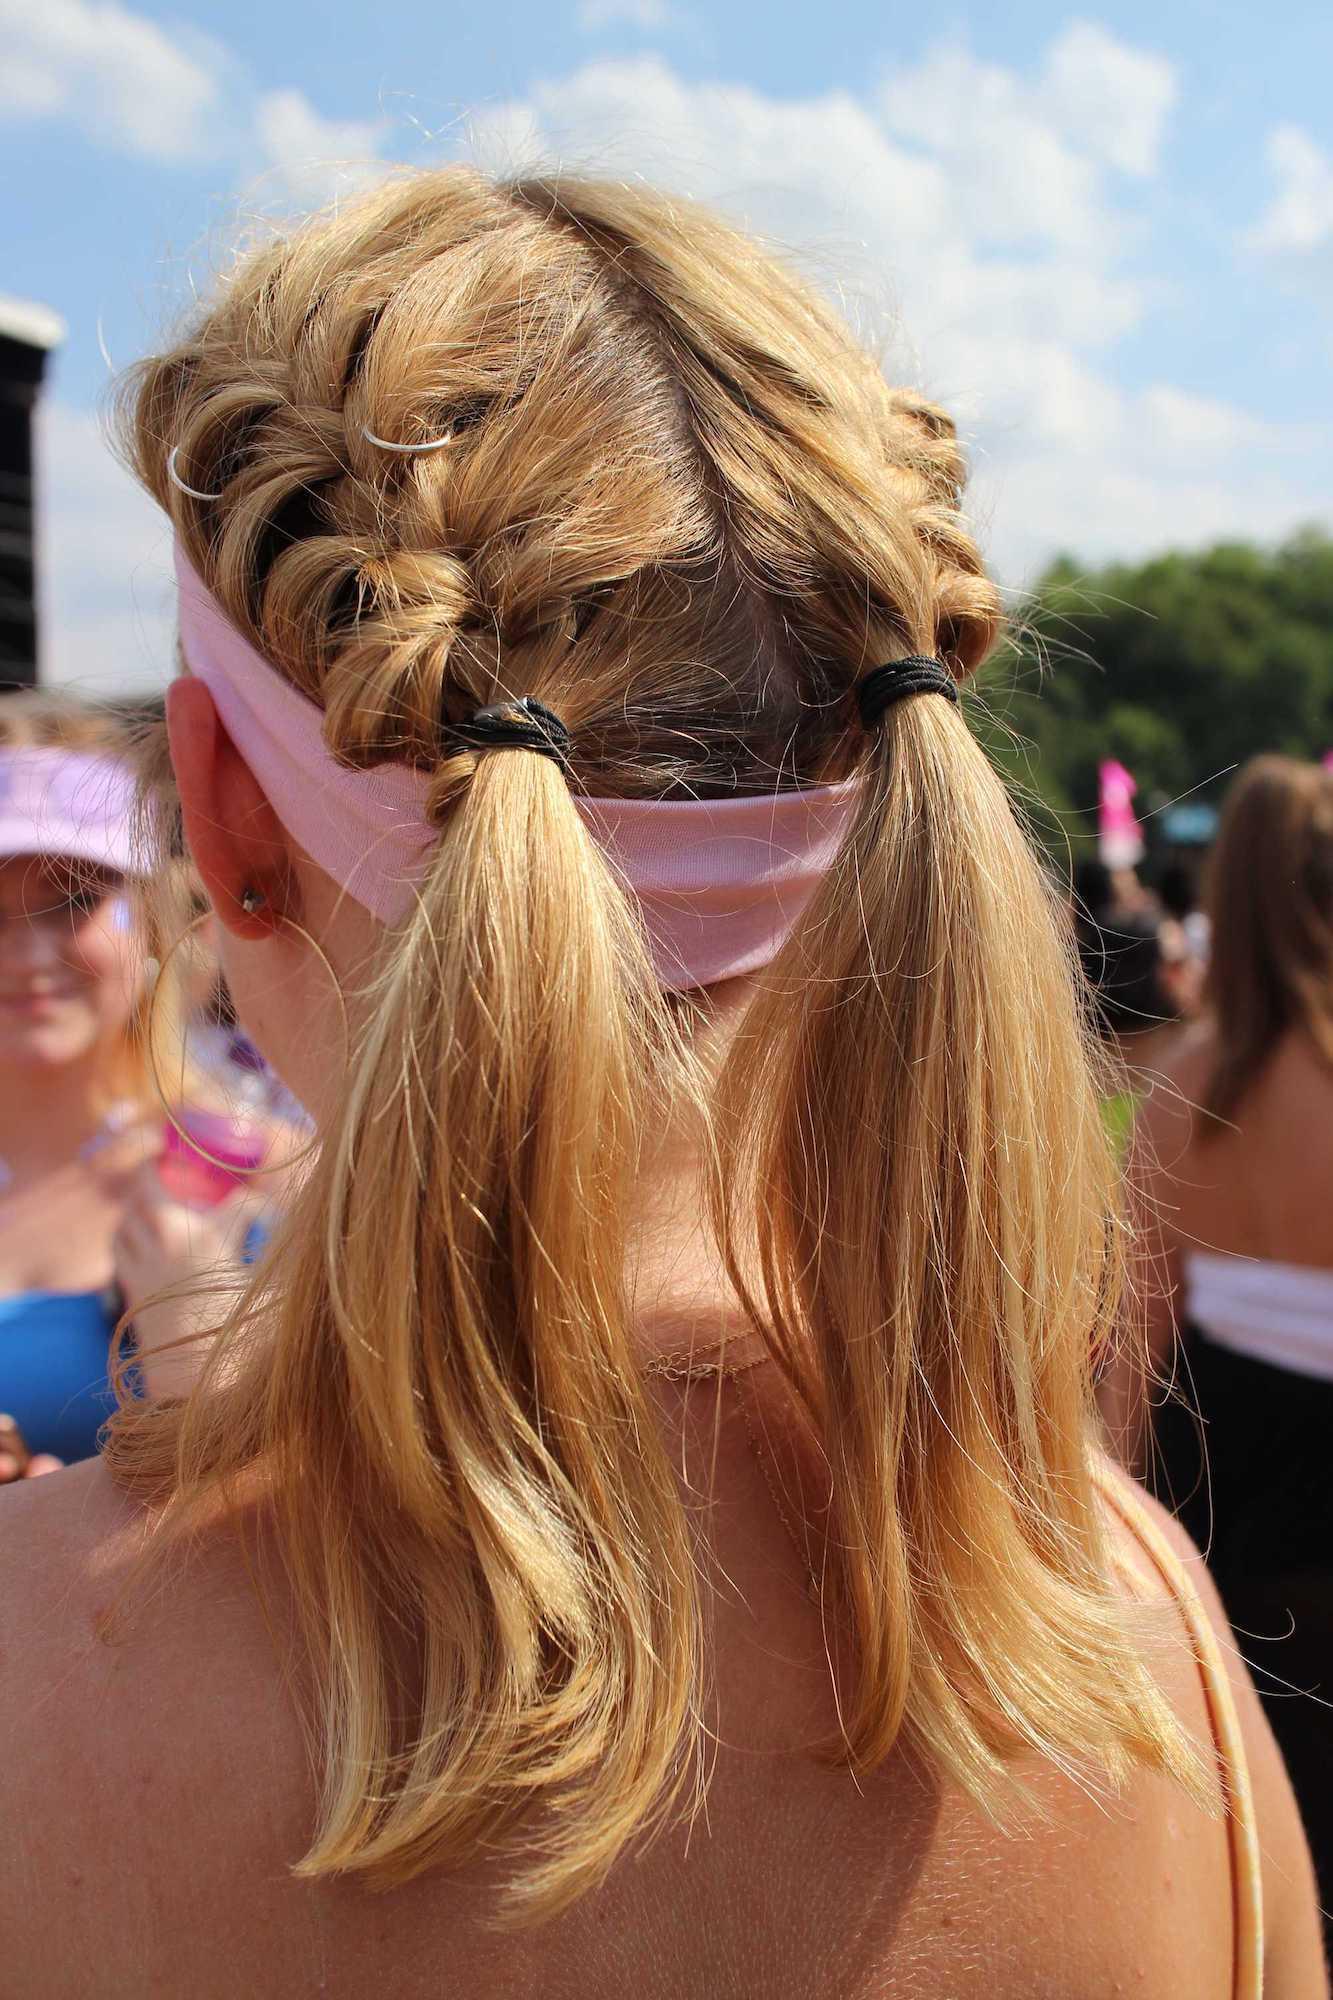 Gaya rambut festival dengan sport headband dan pigtails.